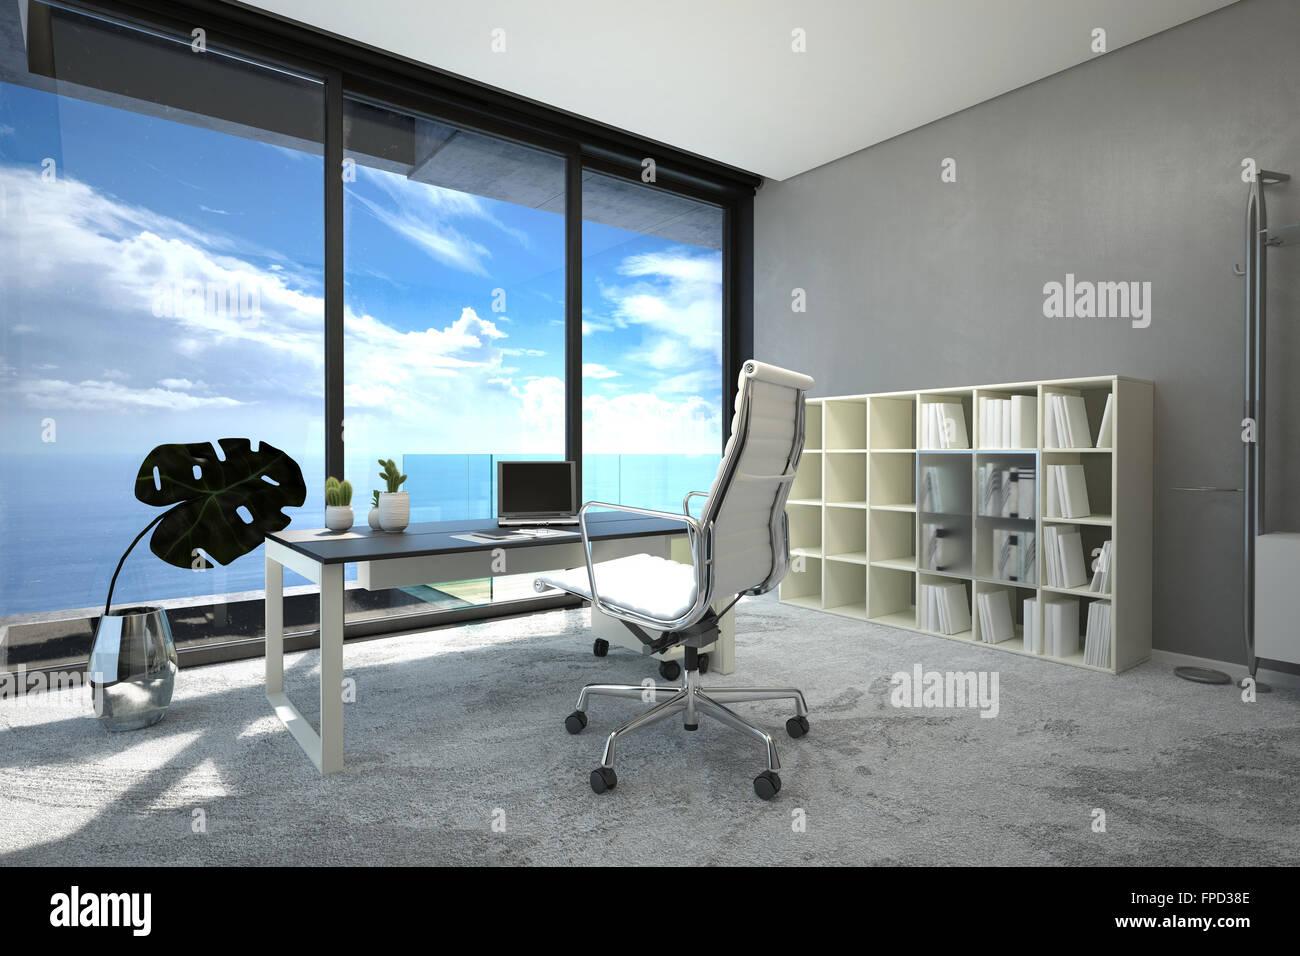 Ufficio Bianco E Grigio : Moderno e luminoso spazioso ufficio interno con una grande finestra